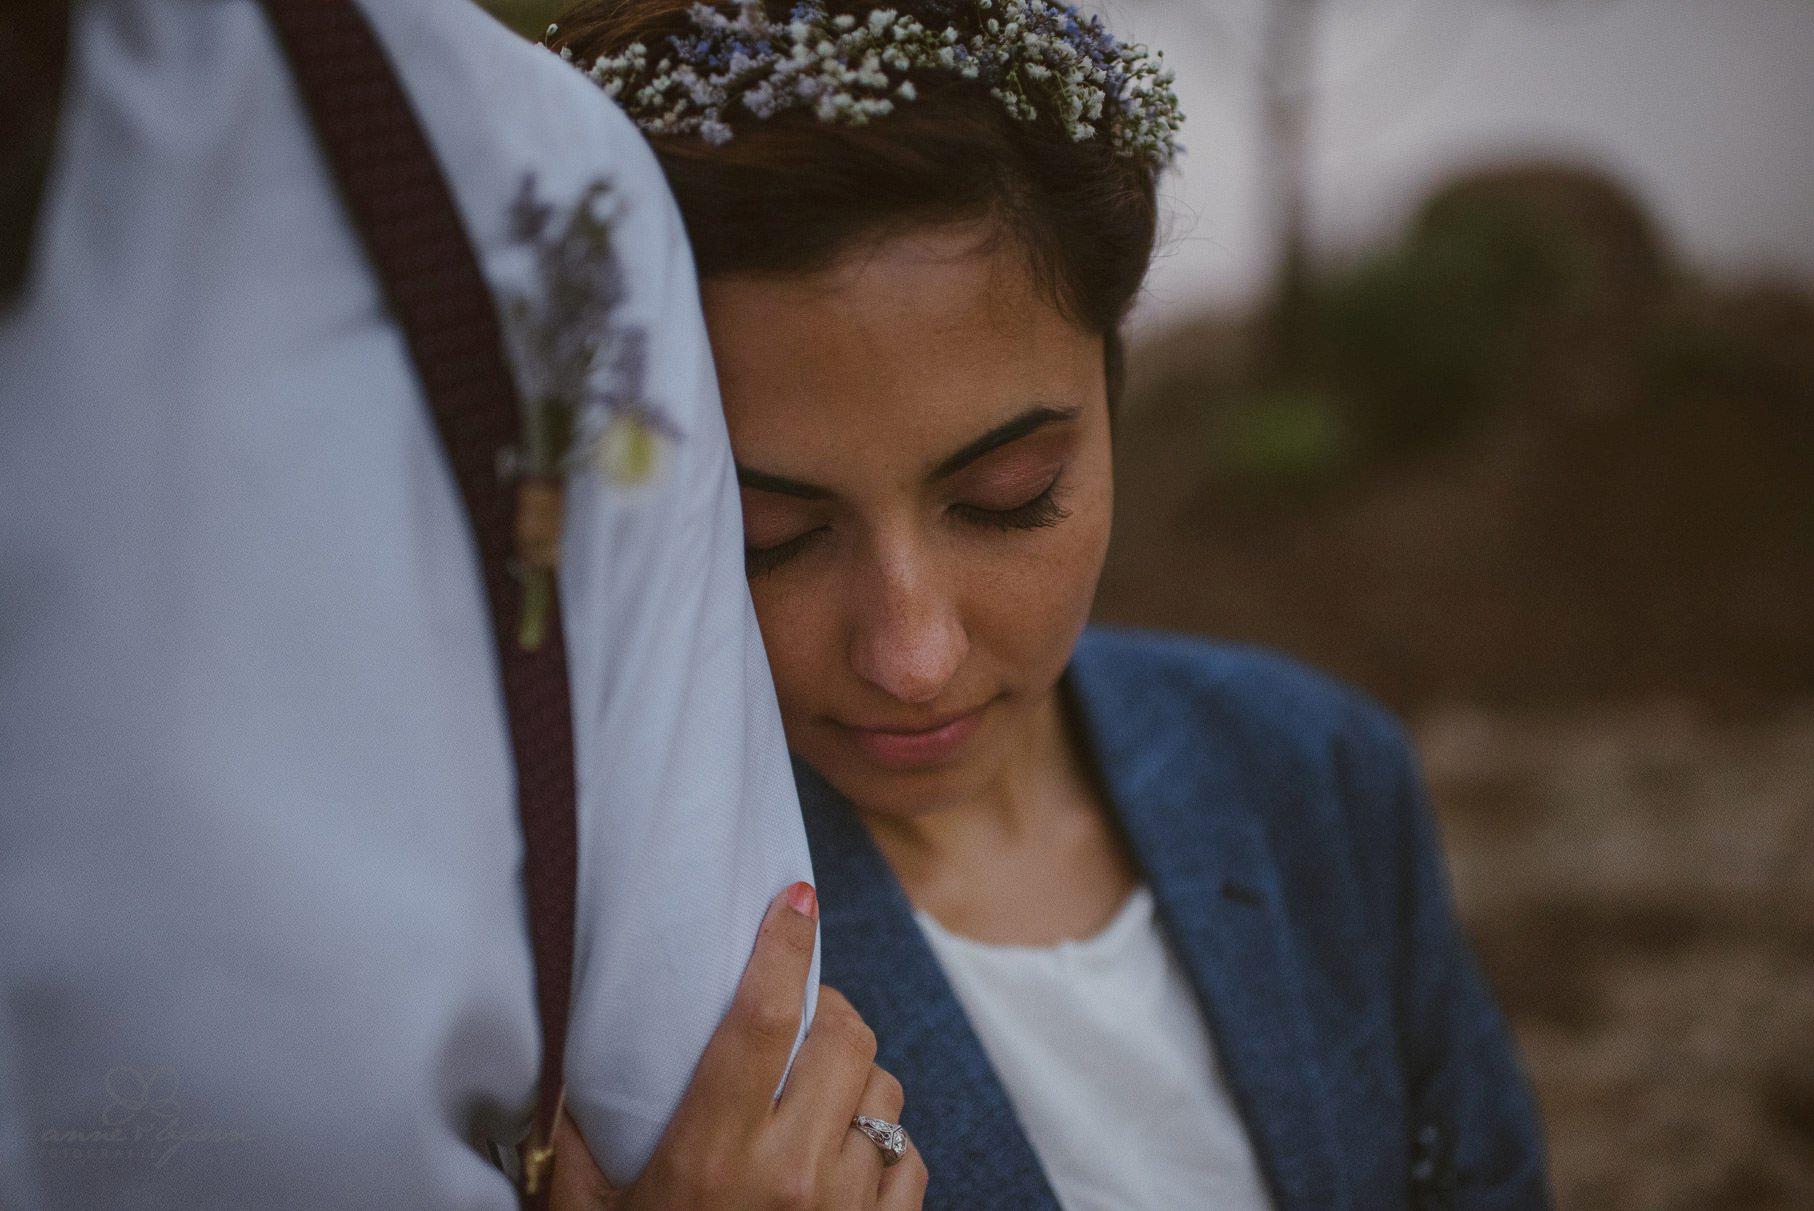 0121 lug d75 7439 - Hochzeit auf Gran Canaria - Linda & Gerald (Elopement)